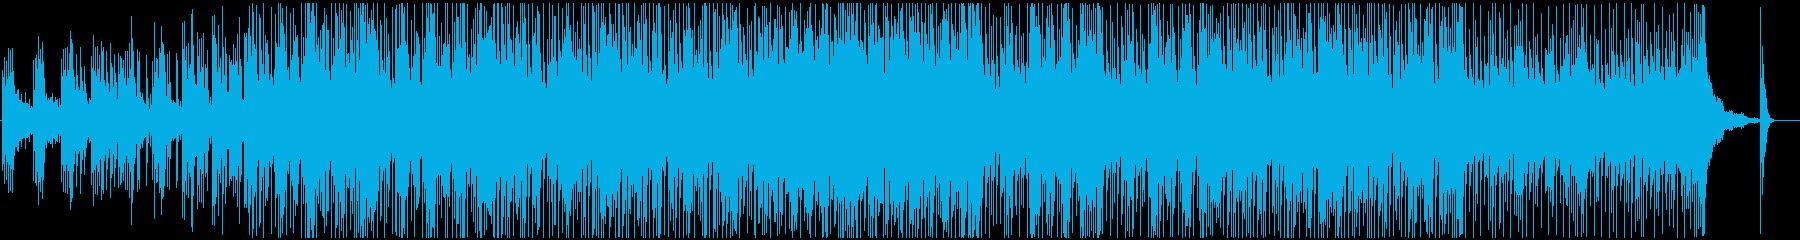 爽やかで優しく前向きなピアノのポップスの再生済みの波形